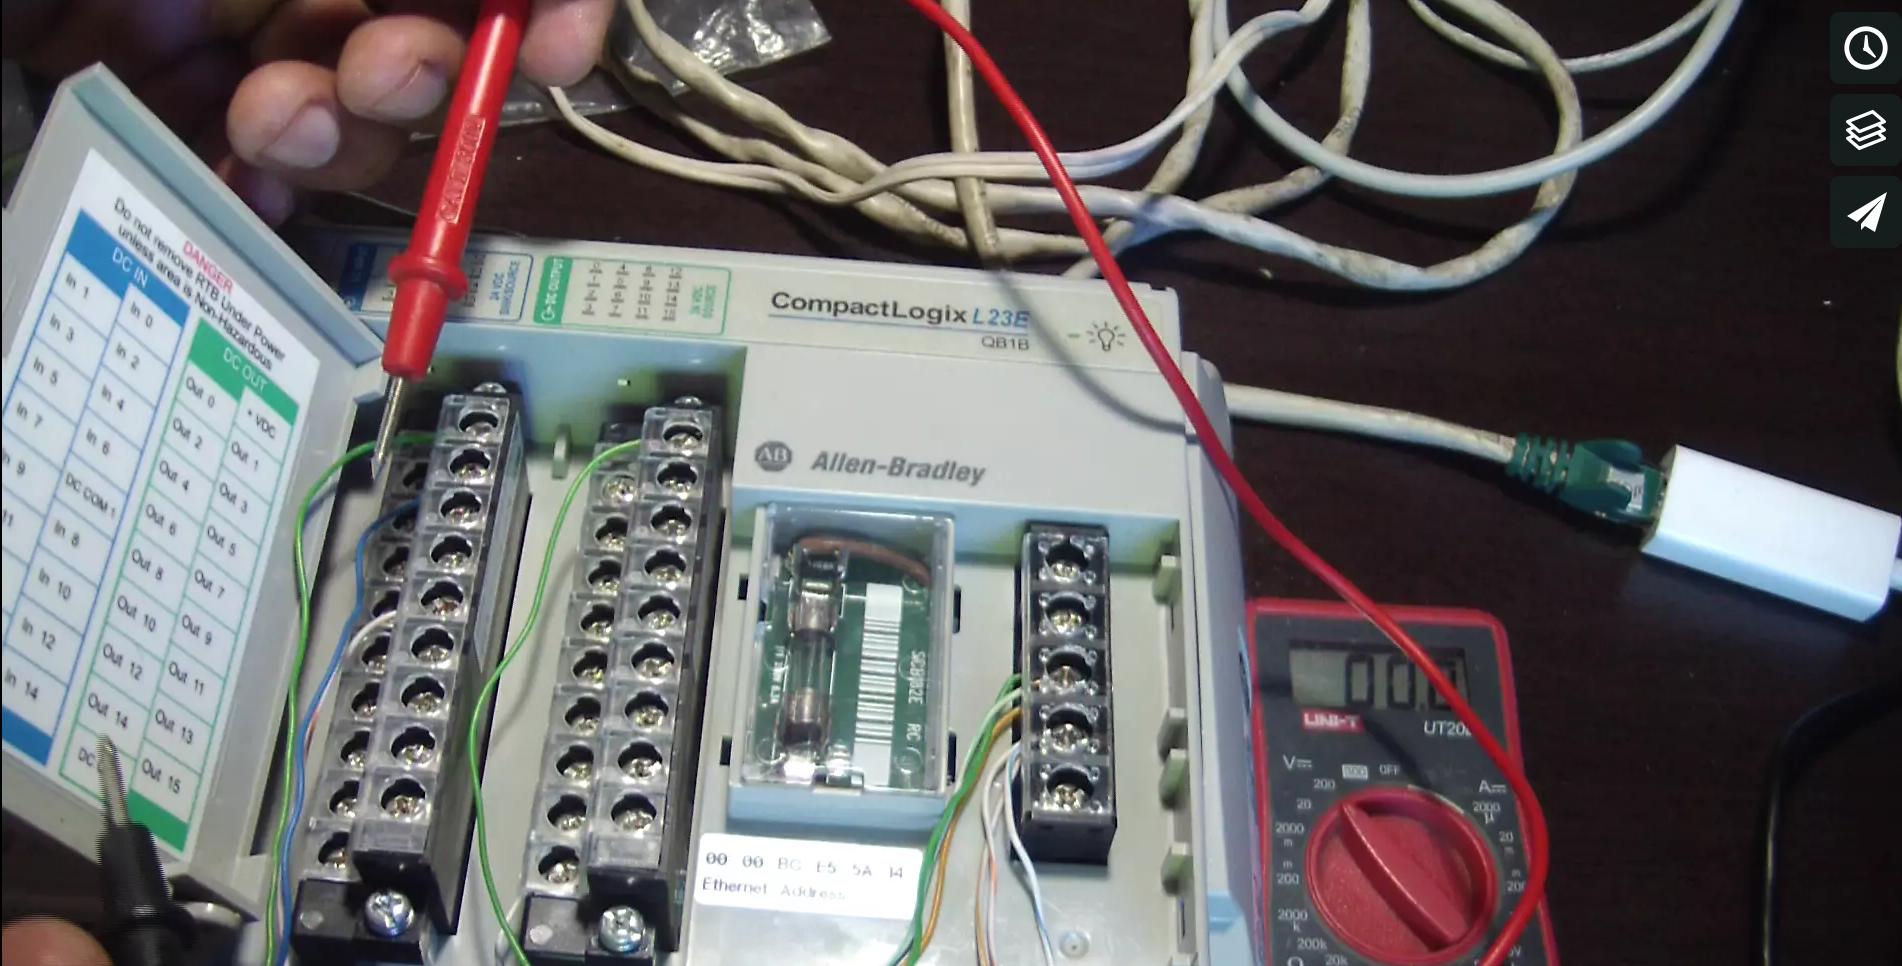 curso compact logix l23-video10